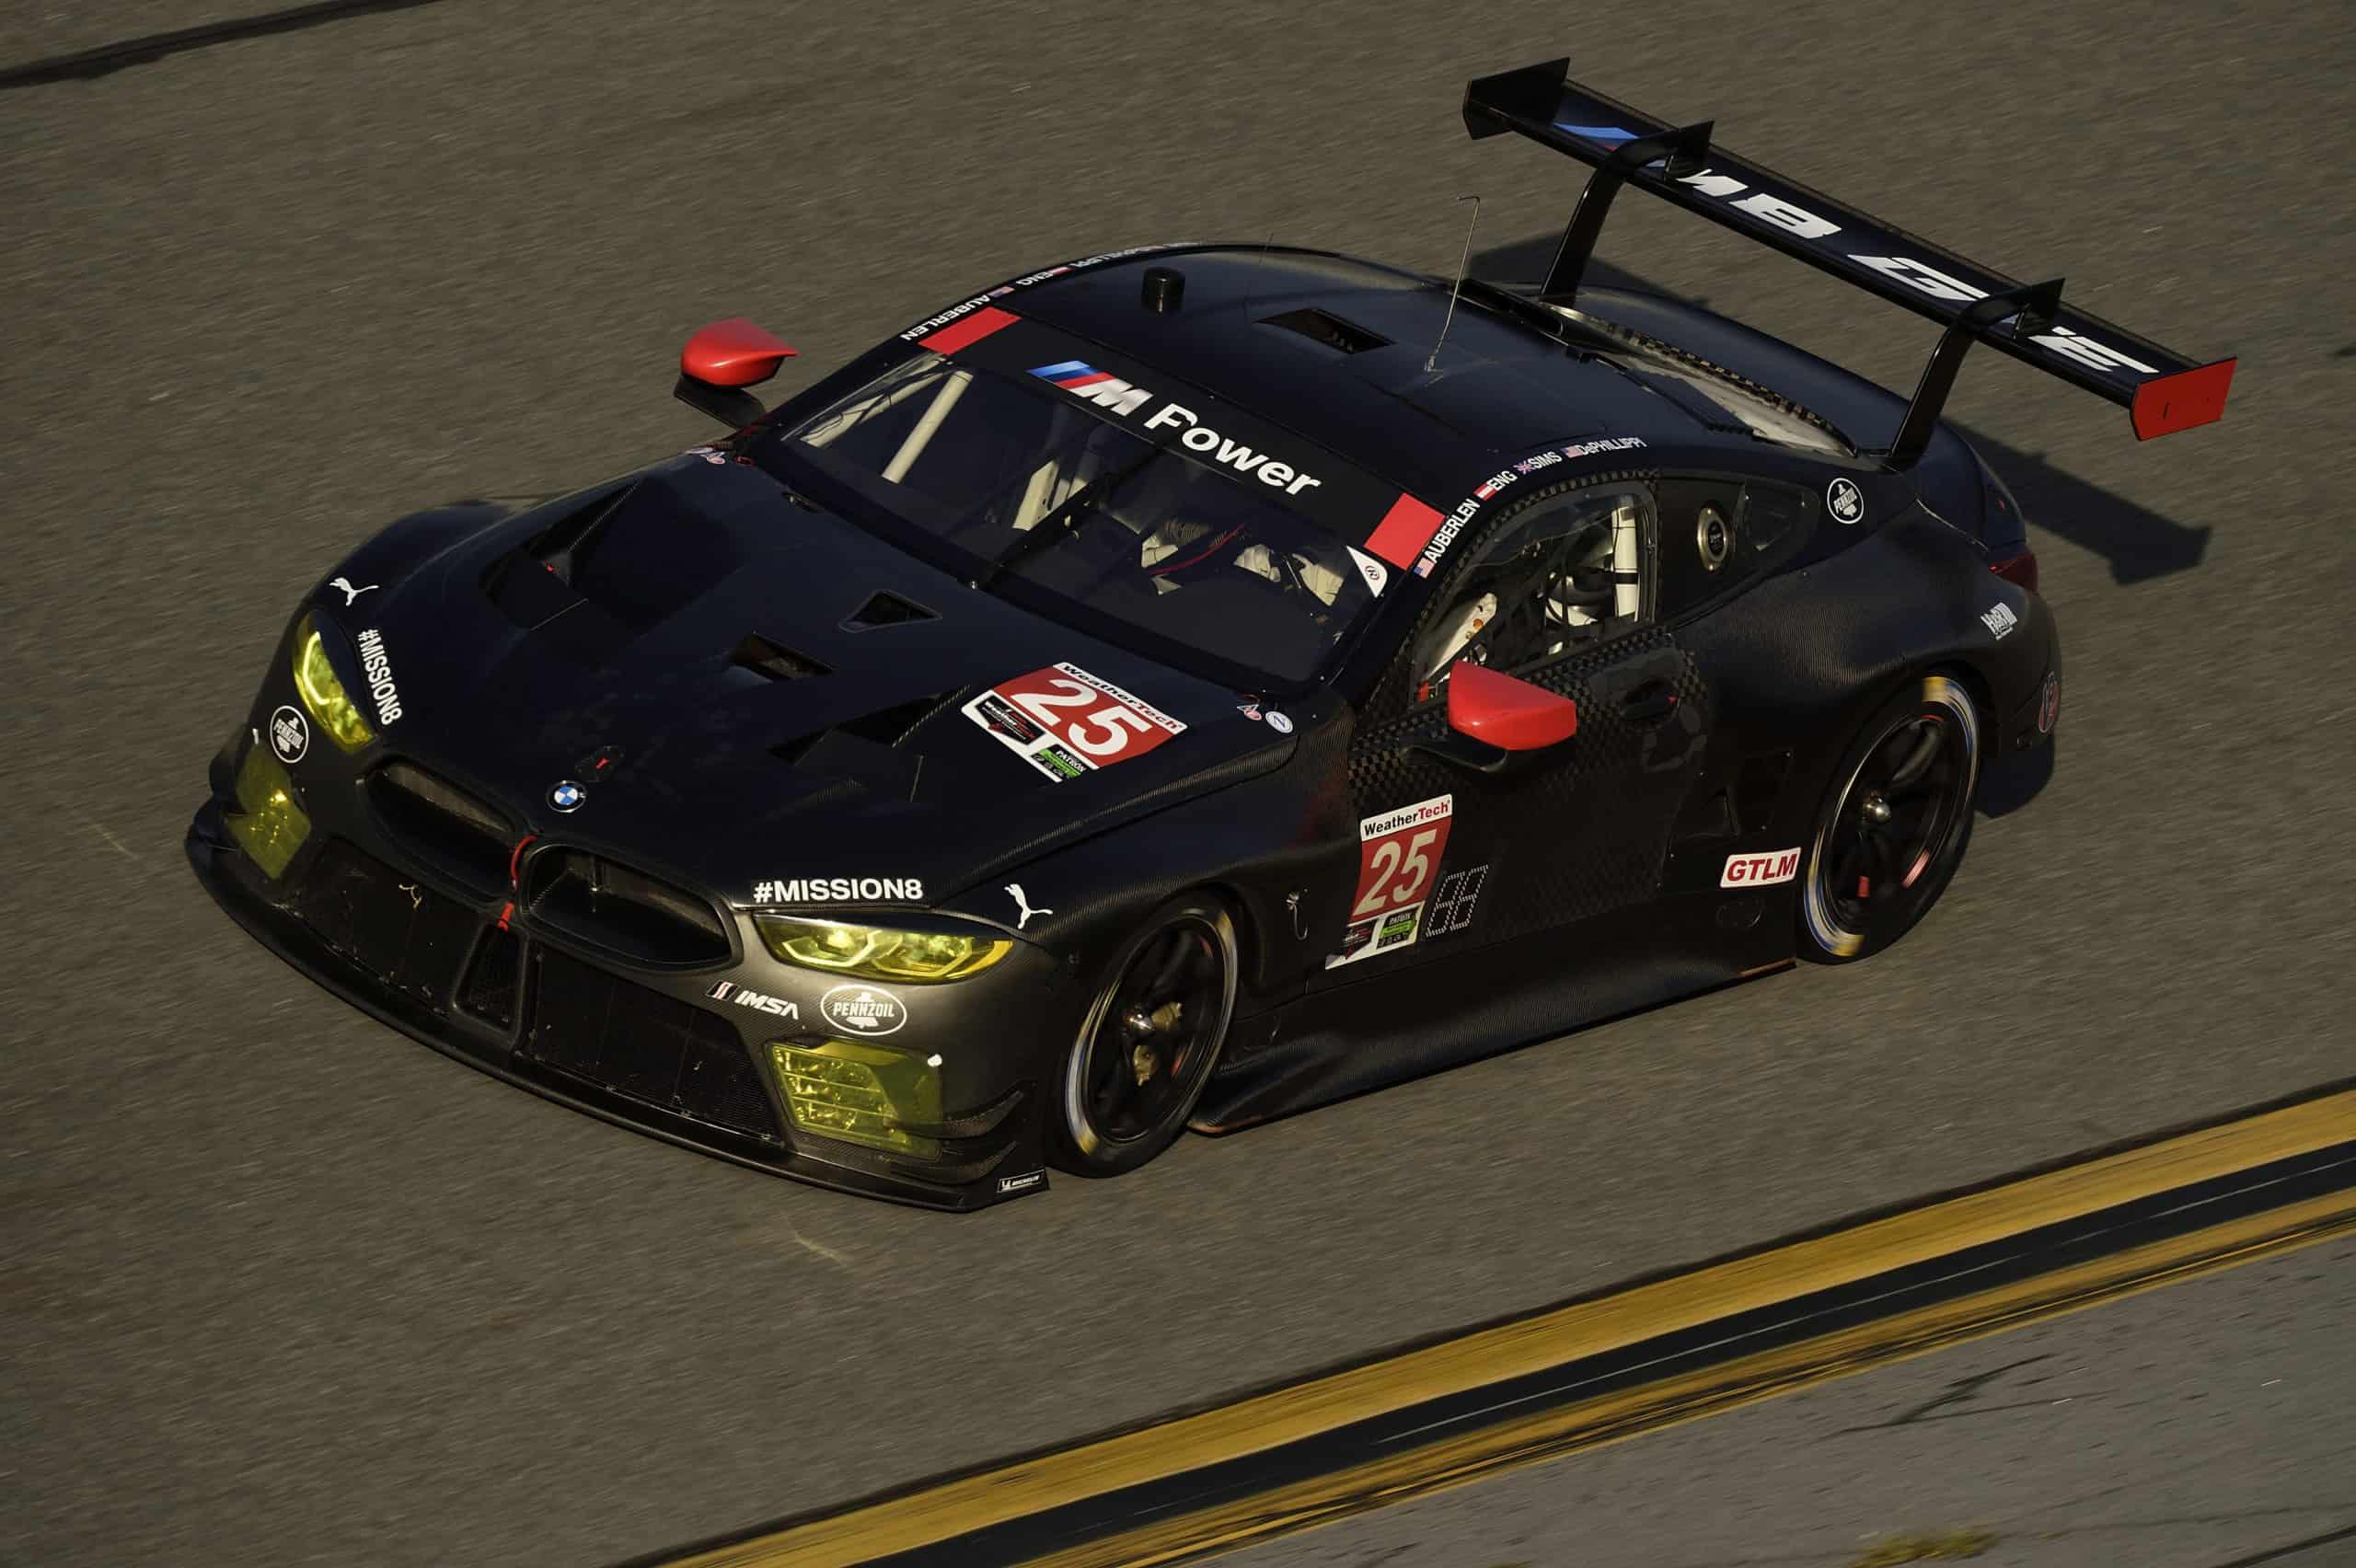 BMW] M8 GTE feiert Debüt in Daytona | Krautdub